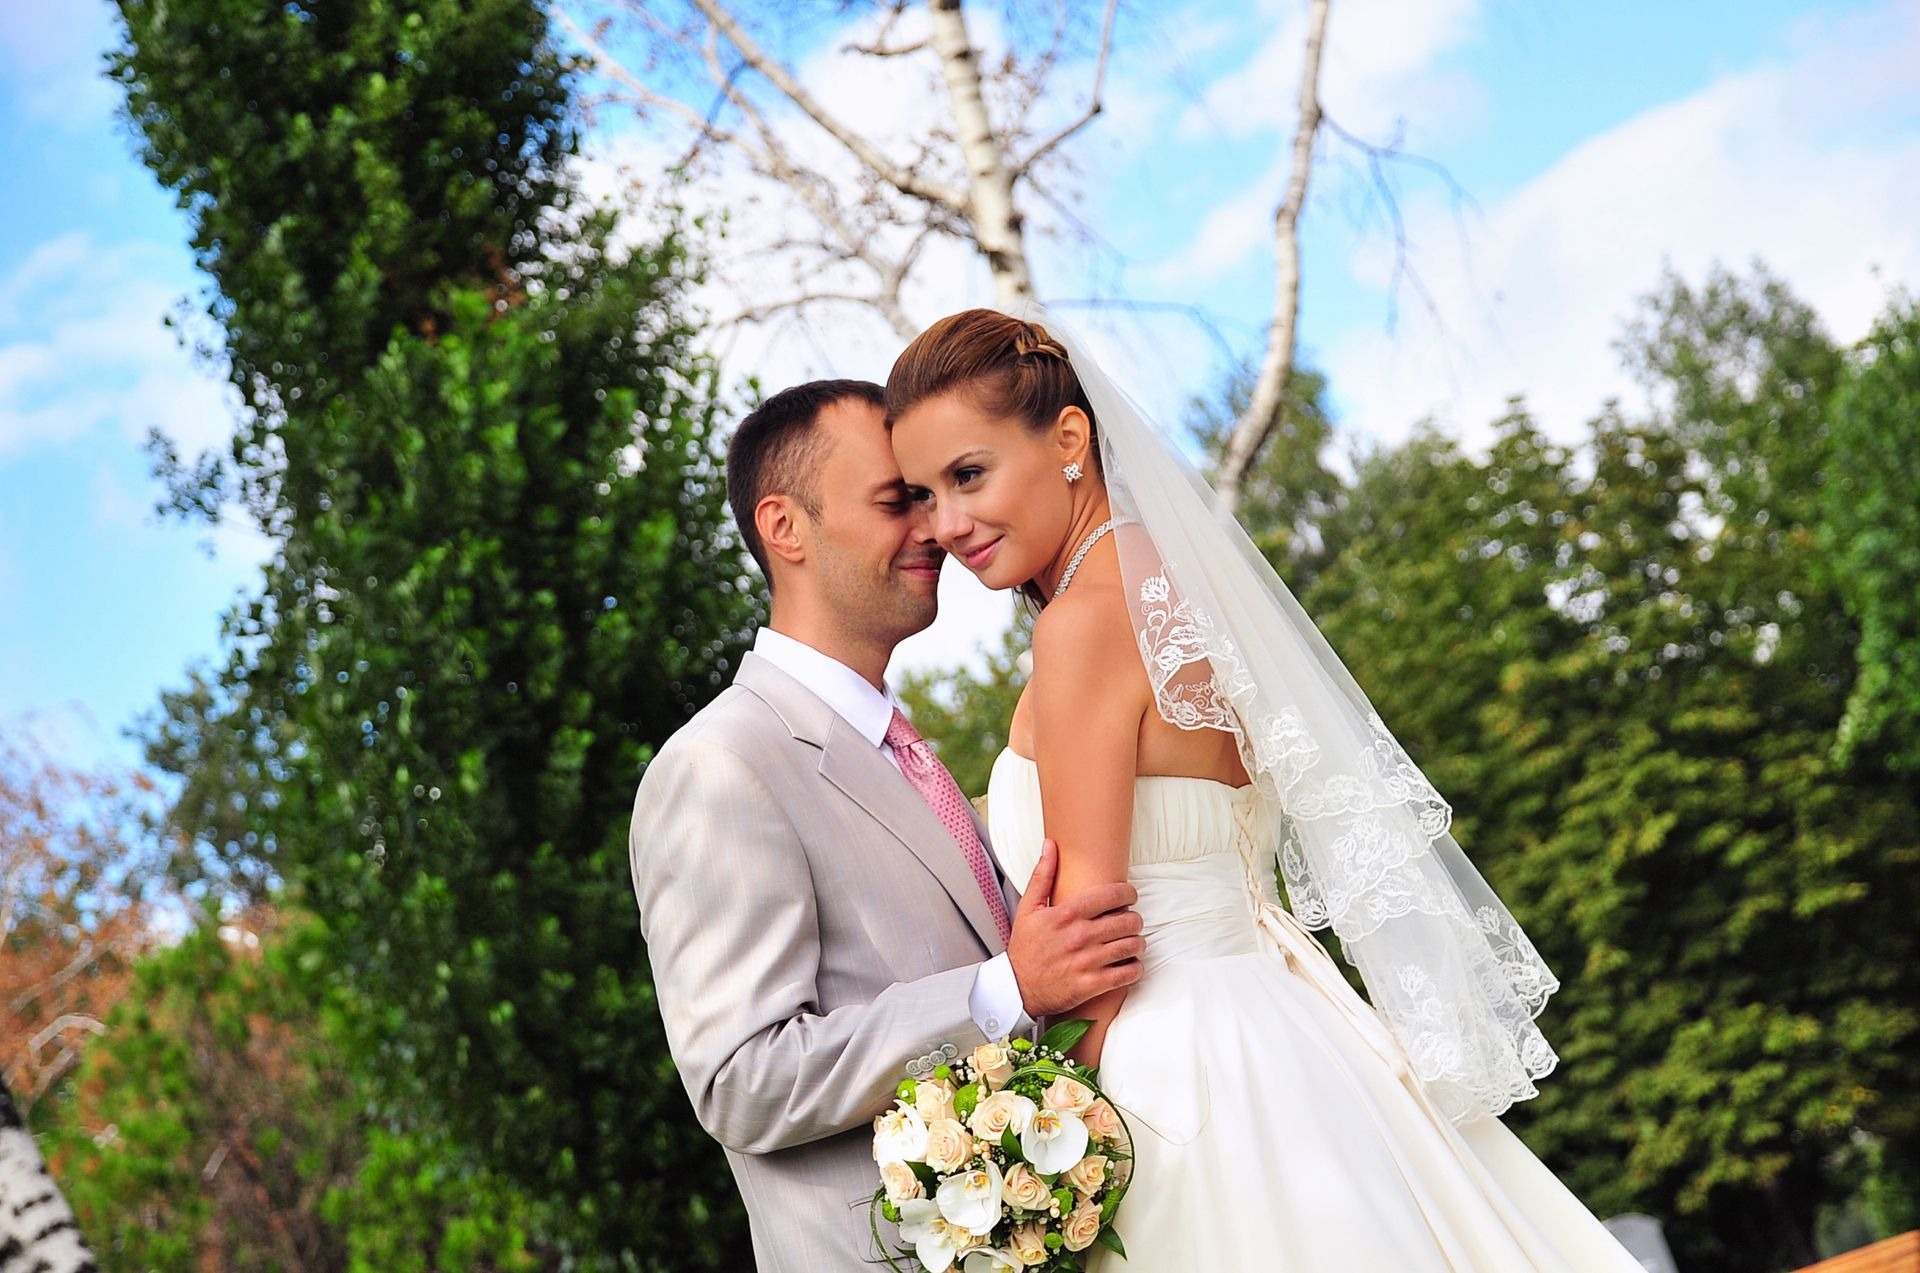 Кольцо у проскуряковой на свадьбе фото обручальное ведро беленький